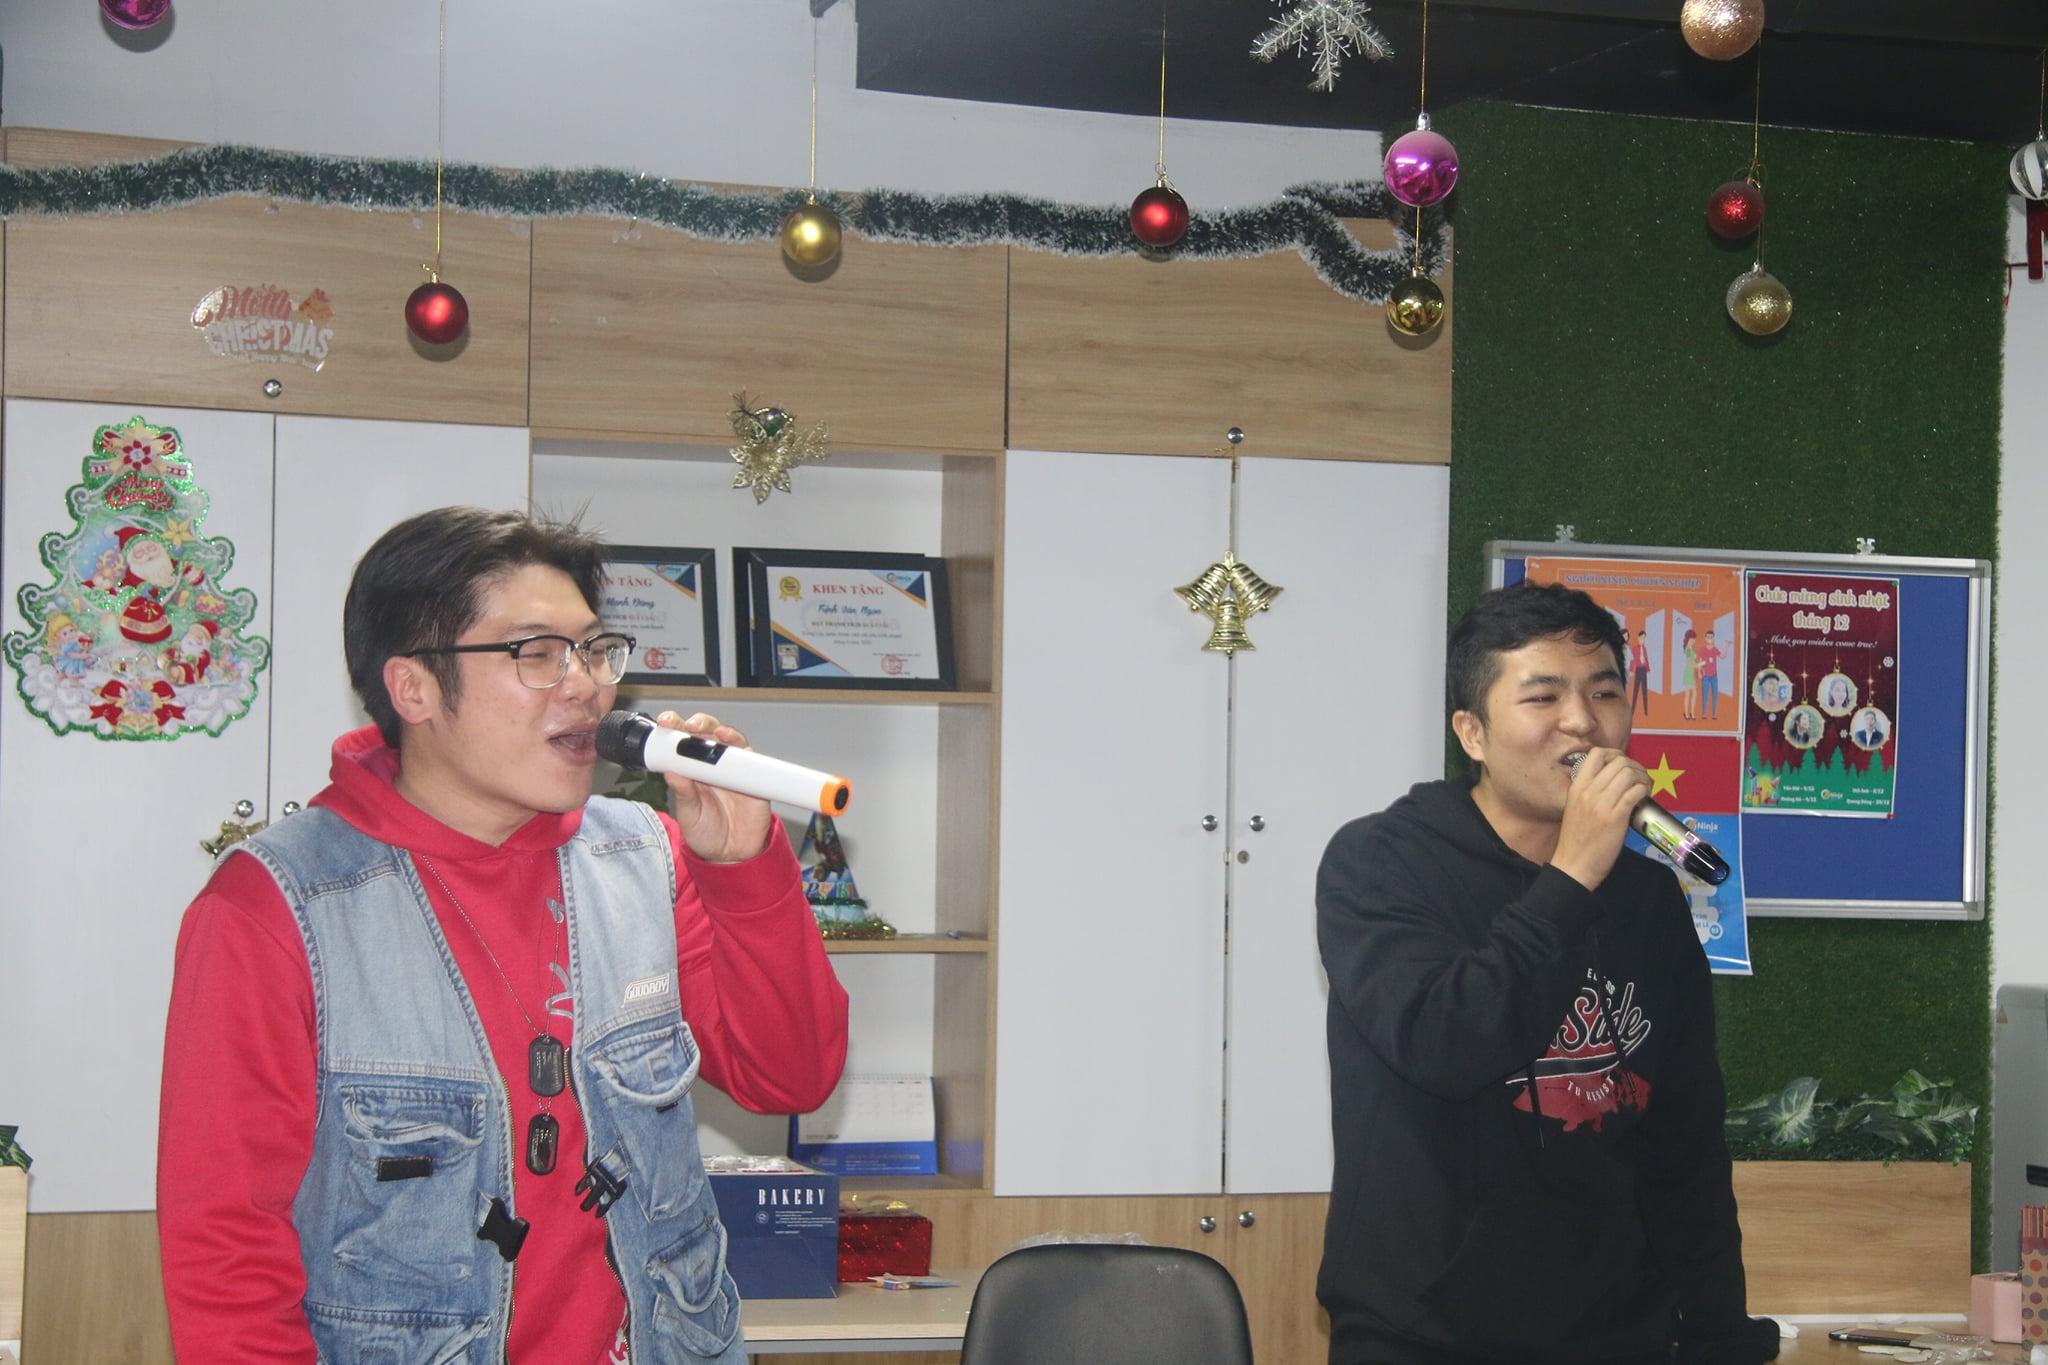 sinh nhat thanh vien thang 12.15pg 1 Tháng 12 ấm áp và nhiều niềm vui với đại tiệc cuối năm